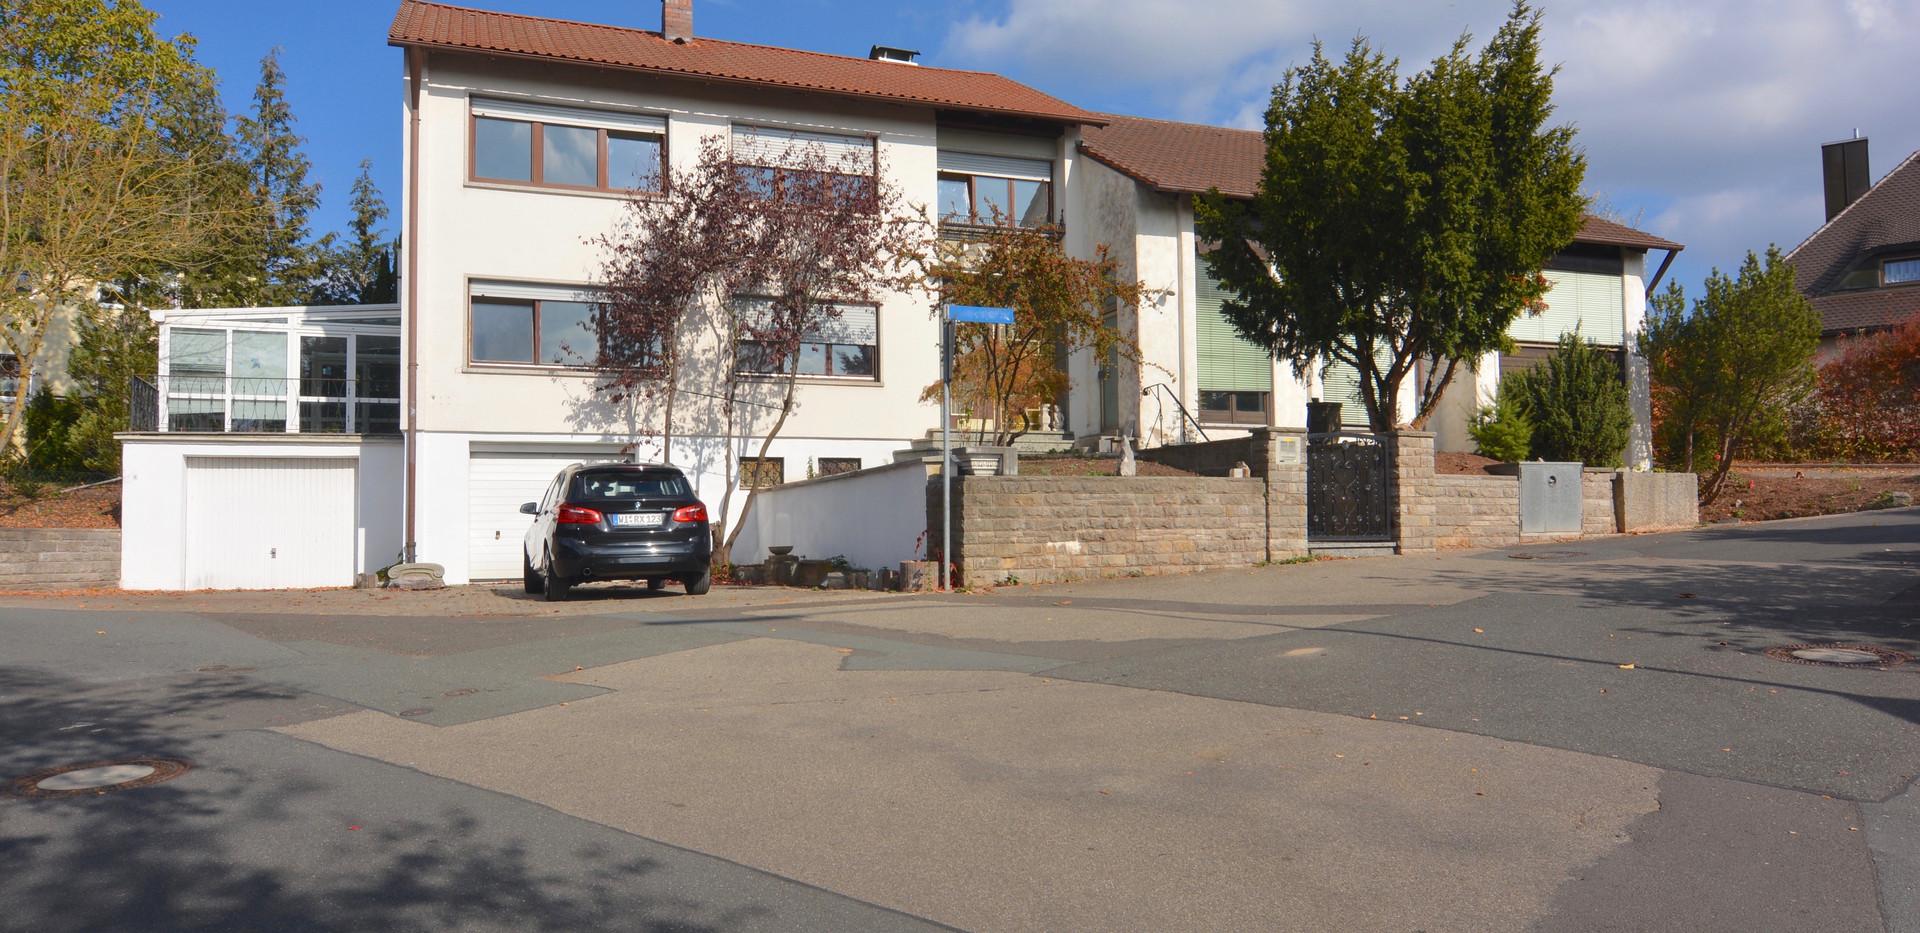 House Bavaria28.jpg